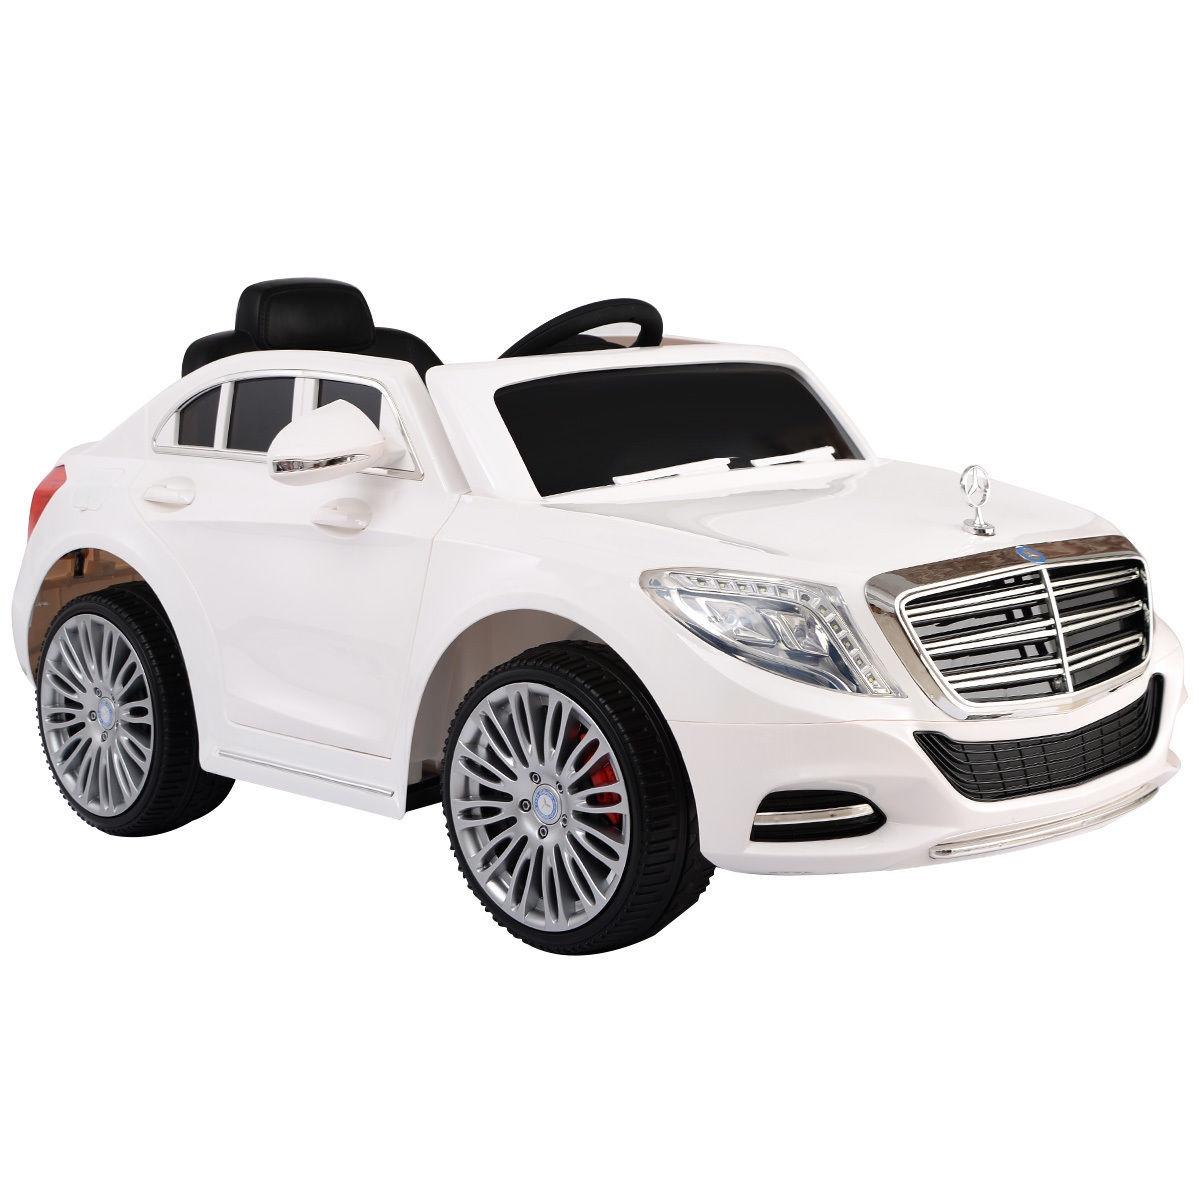 Mercedes S600 12V Licensed Battery Powered Kids Ride On Car White